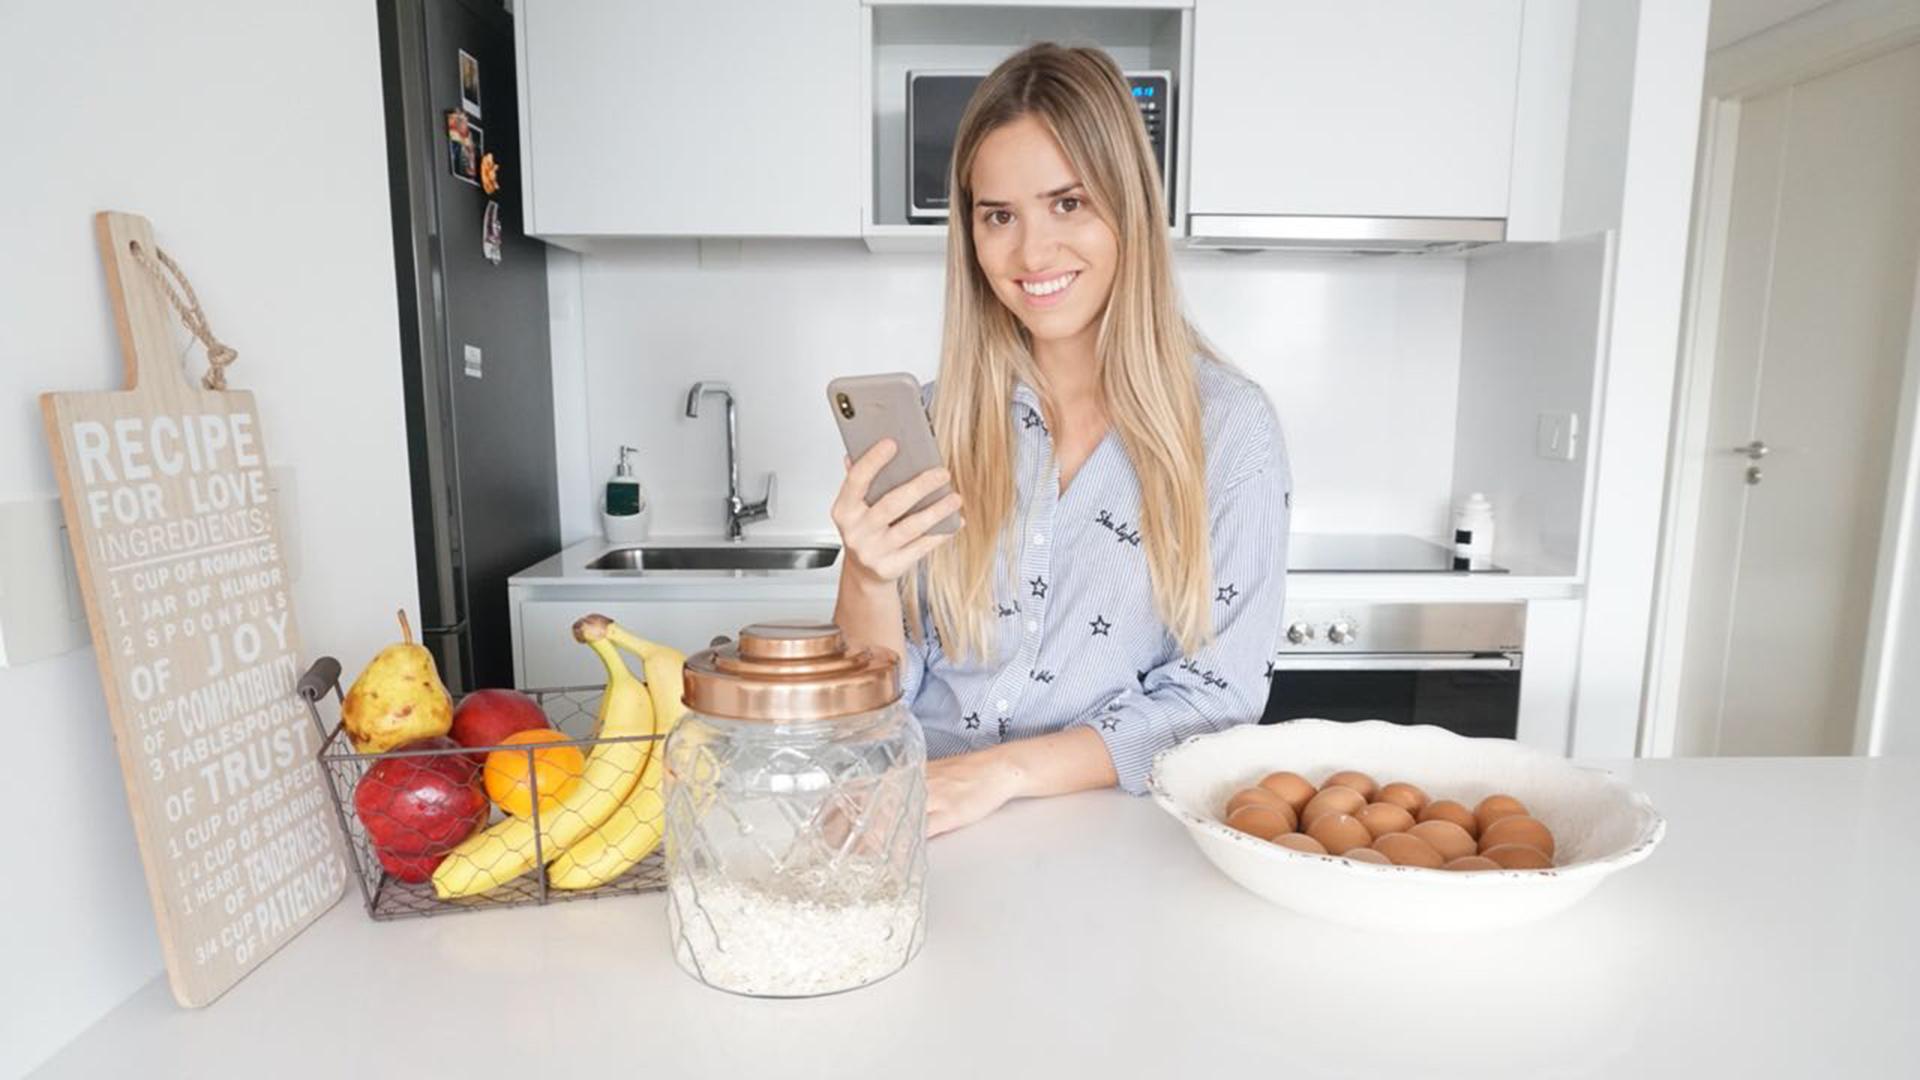 Florencia Fernández es la fundadora de la exitosa cuenta de Instagram The HEALTHY BLOGGER que propone una alimentación saludable y deliciosa. En cada post comparte menús para todos, inclusive veganos y vegetarianos